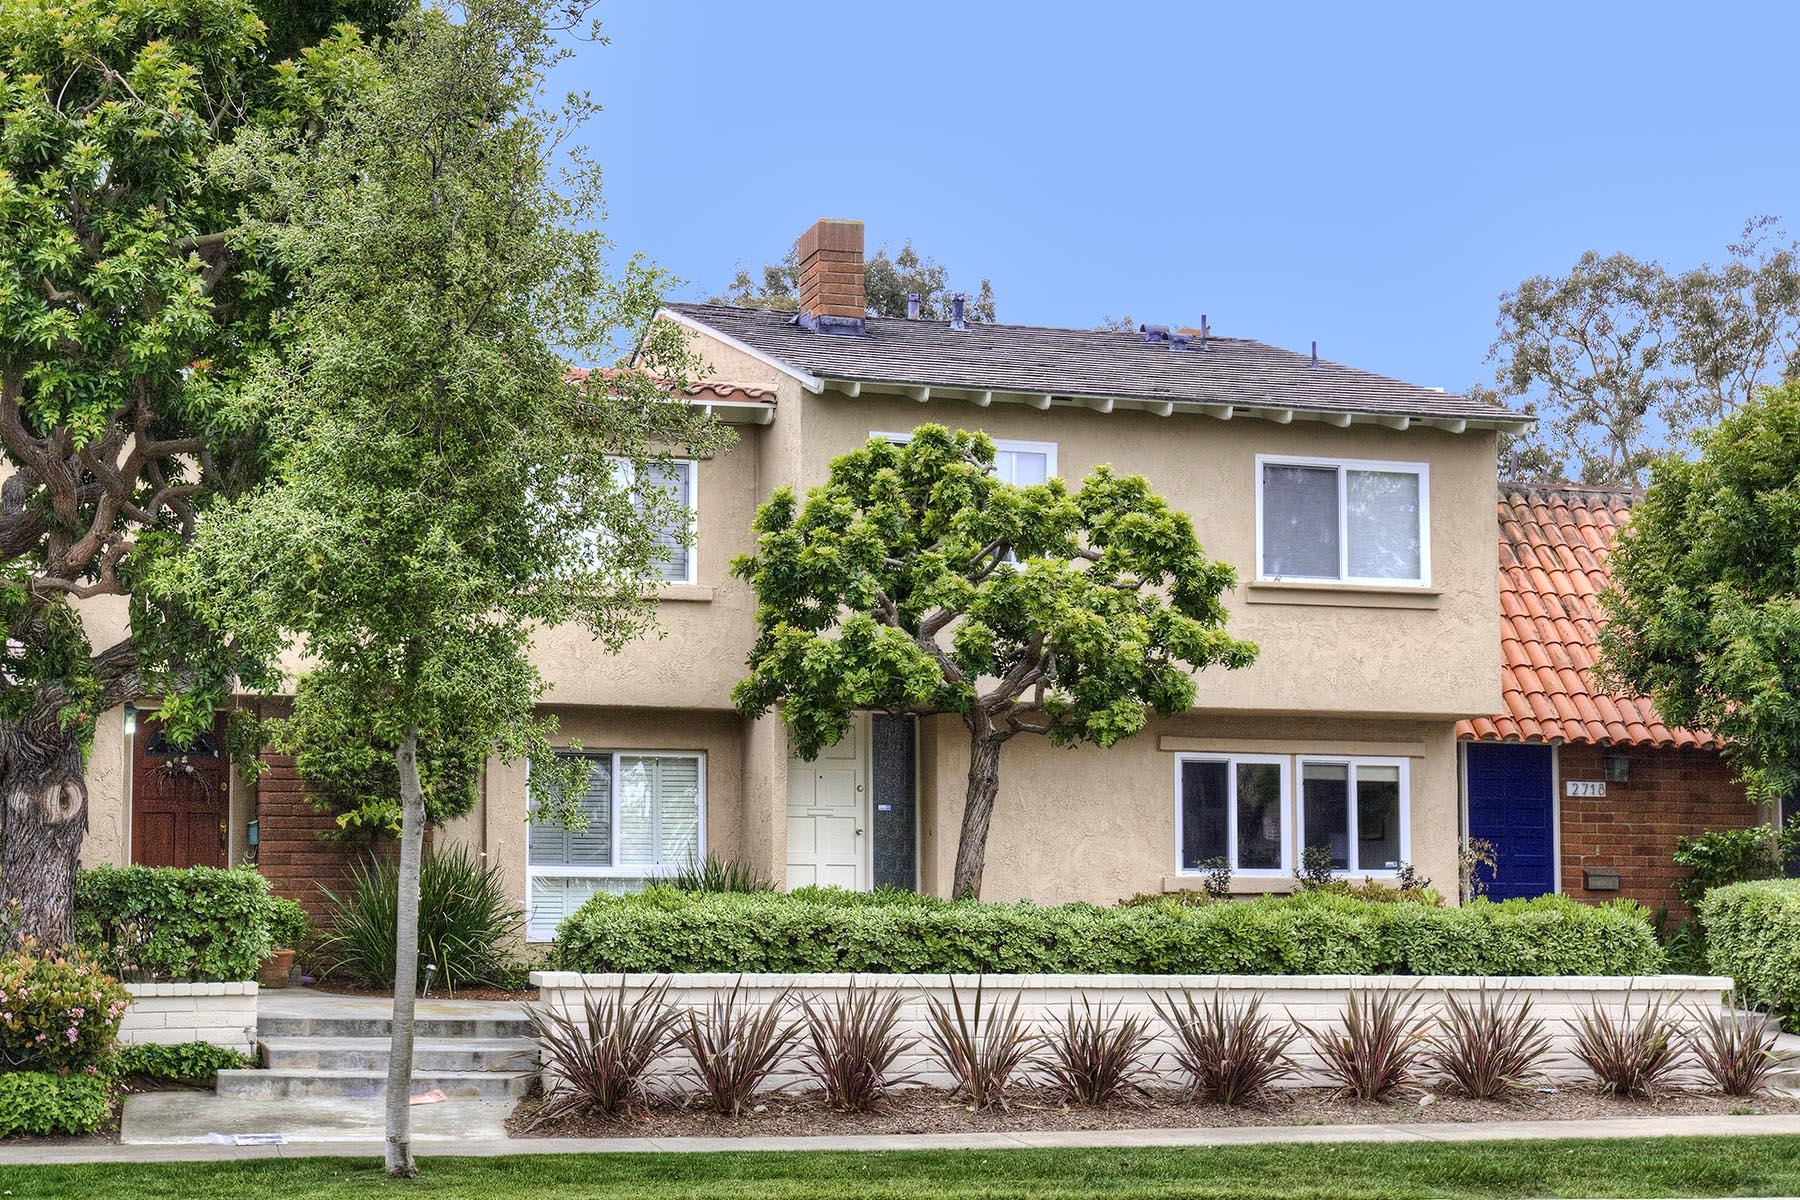 Newport Beach - Buyer Client